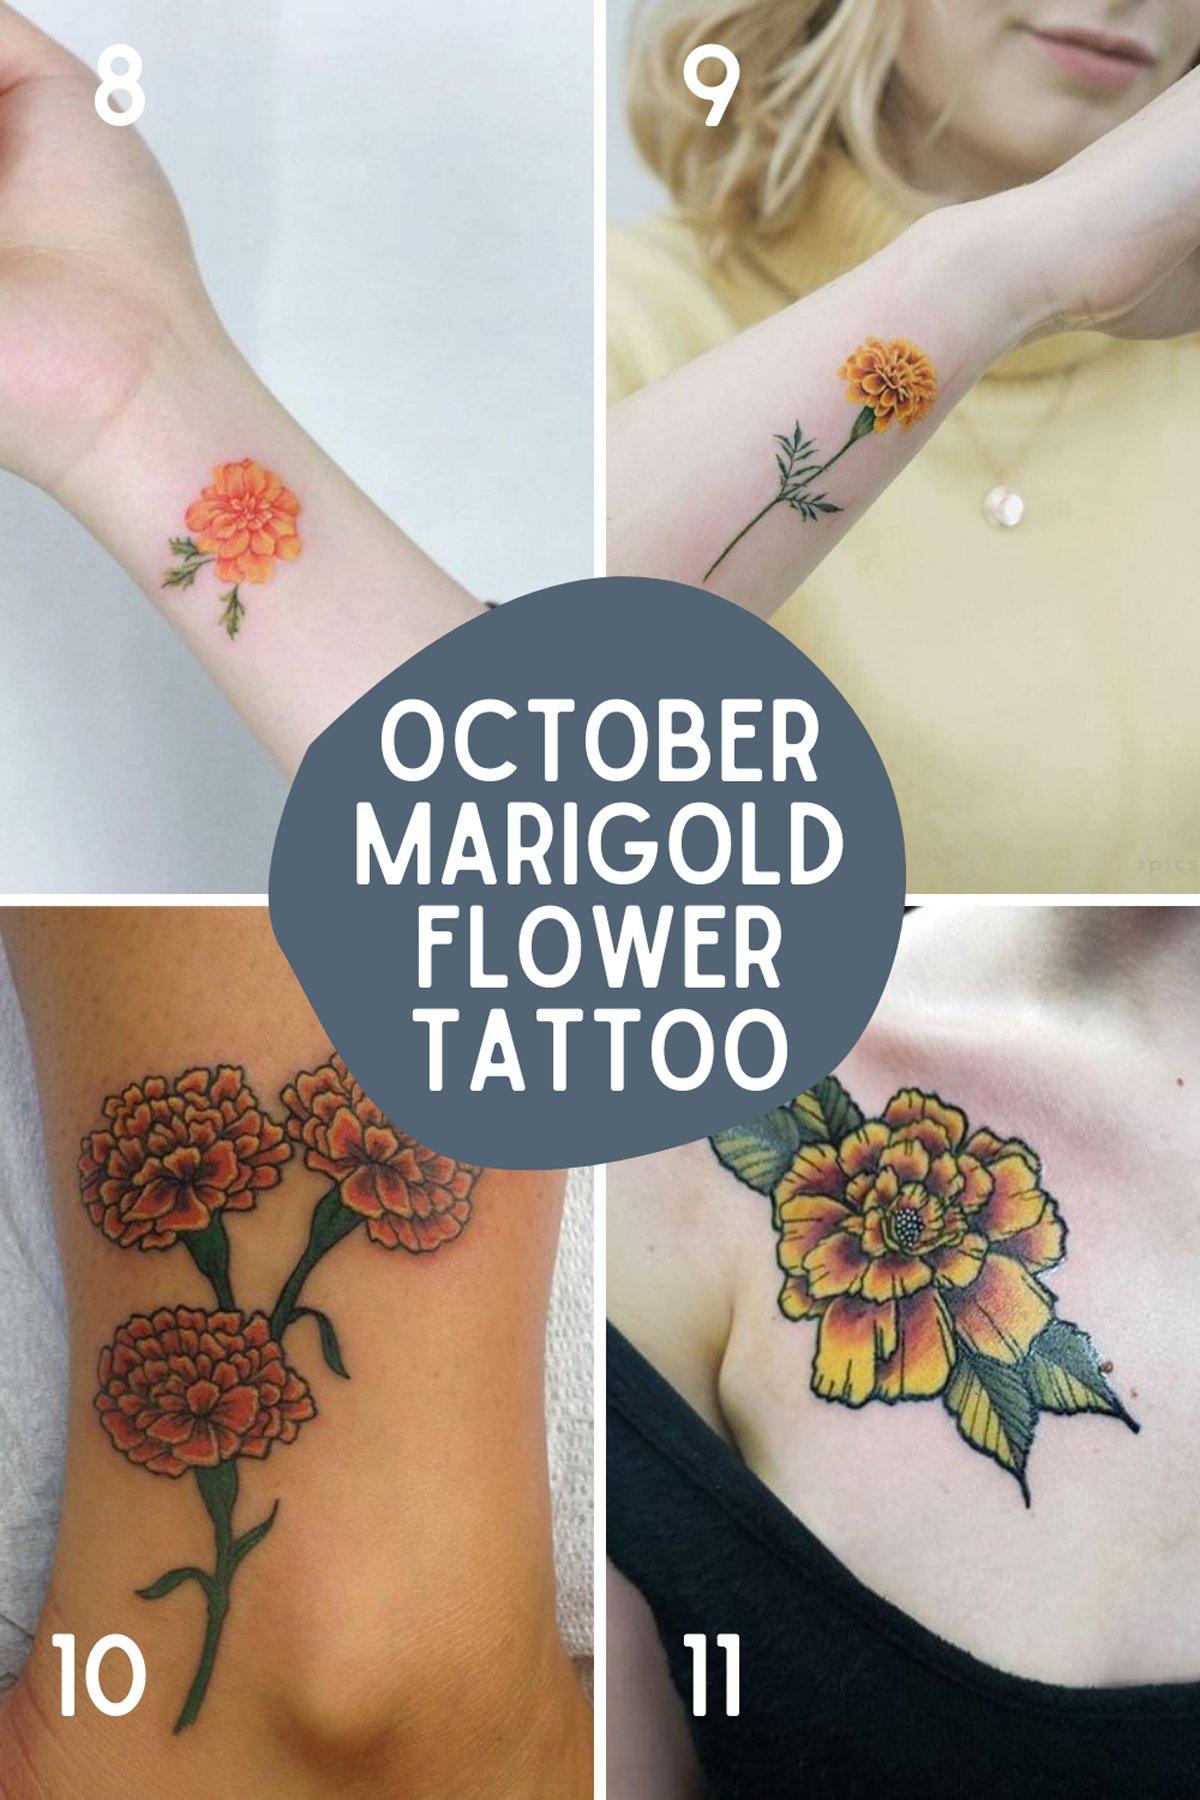 October Marigold Flower Tattoo